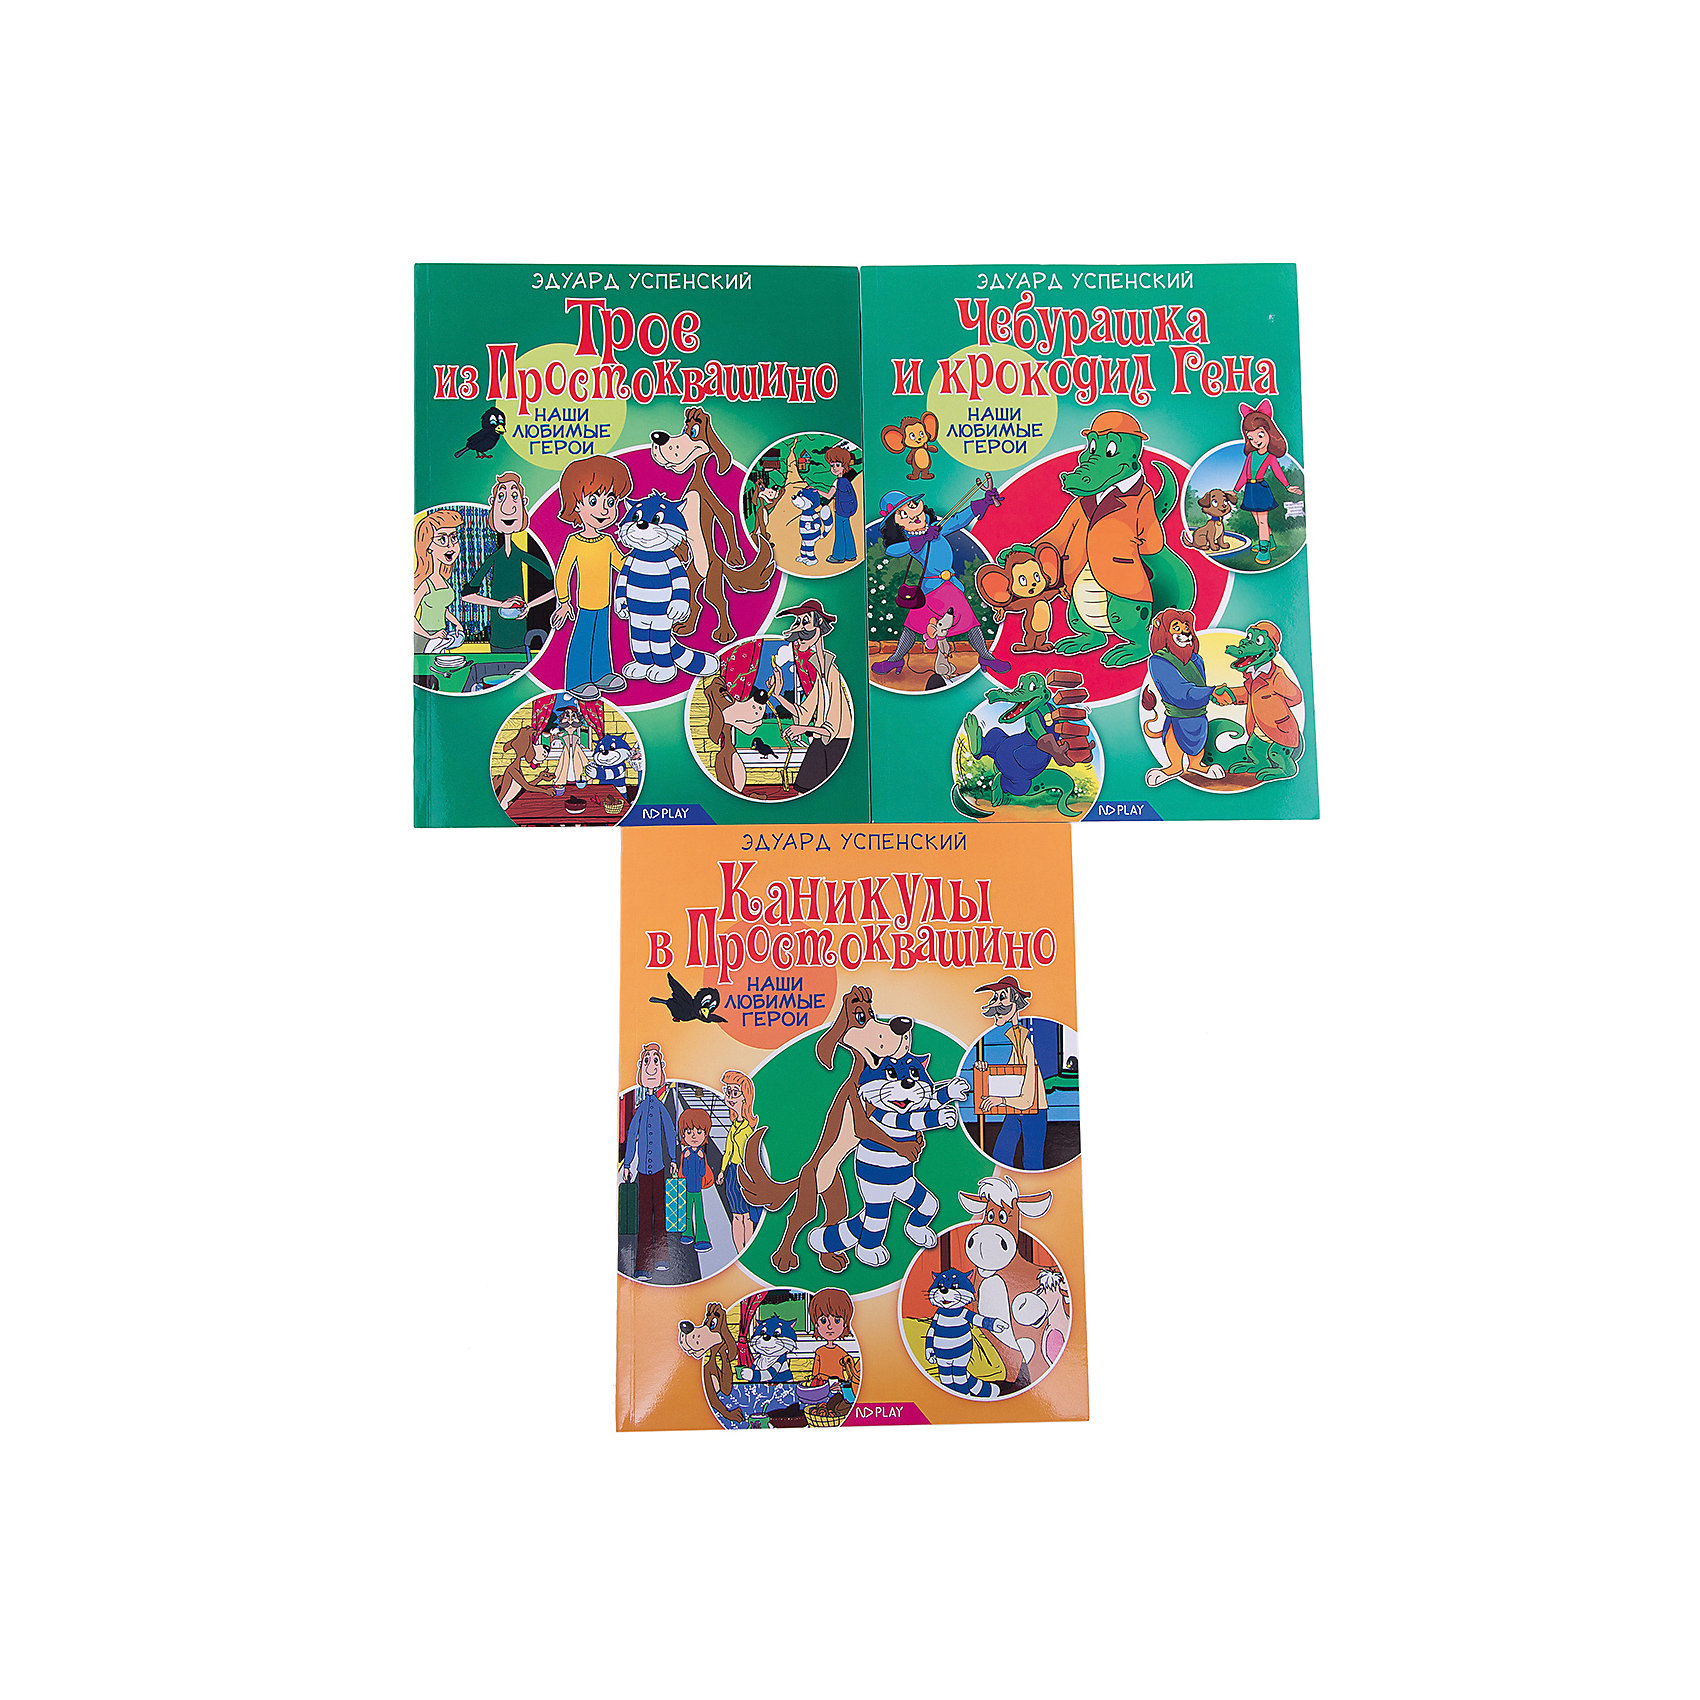 Комплект из 3 книг  Наши любимые герои, Э. УспенскийРусские сказки<br>Характеристики:<br><br>• возраст: от 3 лет<br>• в комплекте: 3 книги (Чебурашка и крокодил Гена, Трое из Простоквашино, Каникулы в Простоквашино)<br>• автор: Эдуард Успенский<br>• издательство: НД Плэй<br>• серия: Наши любимые герои<br>• тип обложки: мягкий переплет (крепление скрепкой или клеем)<br>• иллюстрации: цветные<br>• количество страниц в каждой книге: 48 (офсет)<br>• размер одной книги: 25х20х1 см.<br>• вес одной книги: 100 гр.<br>• ISBN: 4690241154707<br><br>Новая встреча с любимыми героями! Весёлые и смешные, забавные и поучительные произведения Эдуарда Успенского любят читать и взрослые, и дети. Серьезный и рассудительный Дядя Федор, ироничный кот Матроскин, простодушный пес Шарик, Крокодил Гена и Чебурашка учат детей добру, справедливости и взаимовыручки.<br><br>Комплект из 3 книг Наши любимые герои, №2 можно купить в нашем интернет-магазине.<br><br>Ширина мм: 200<br>Глубина мм: 9<br>Высота мм: 253<br>Вес г: 300<br>Возраст от месяцев: 36<br>Возраст до месяцев: 2147483647<br>Пол: Унисекс<br>Возраст: Детский<br>SKU: 6910530